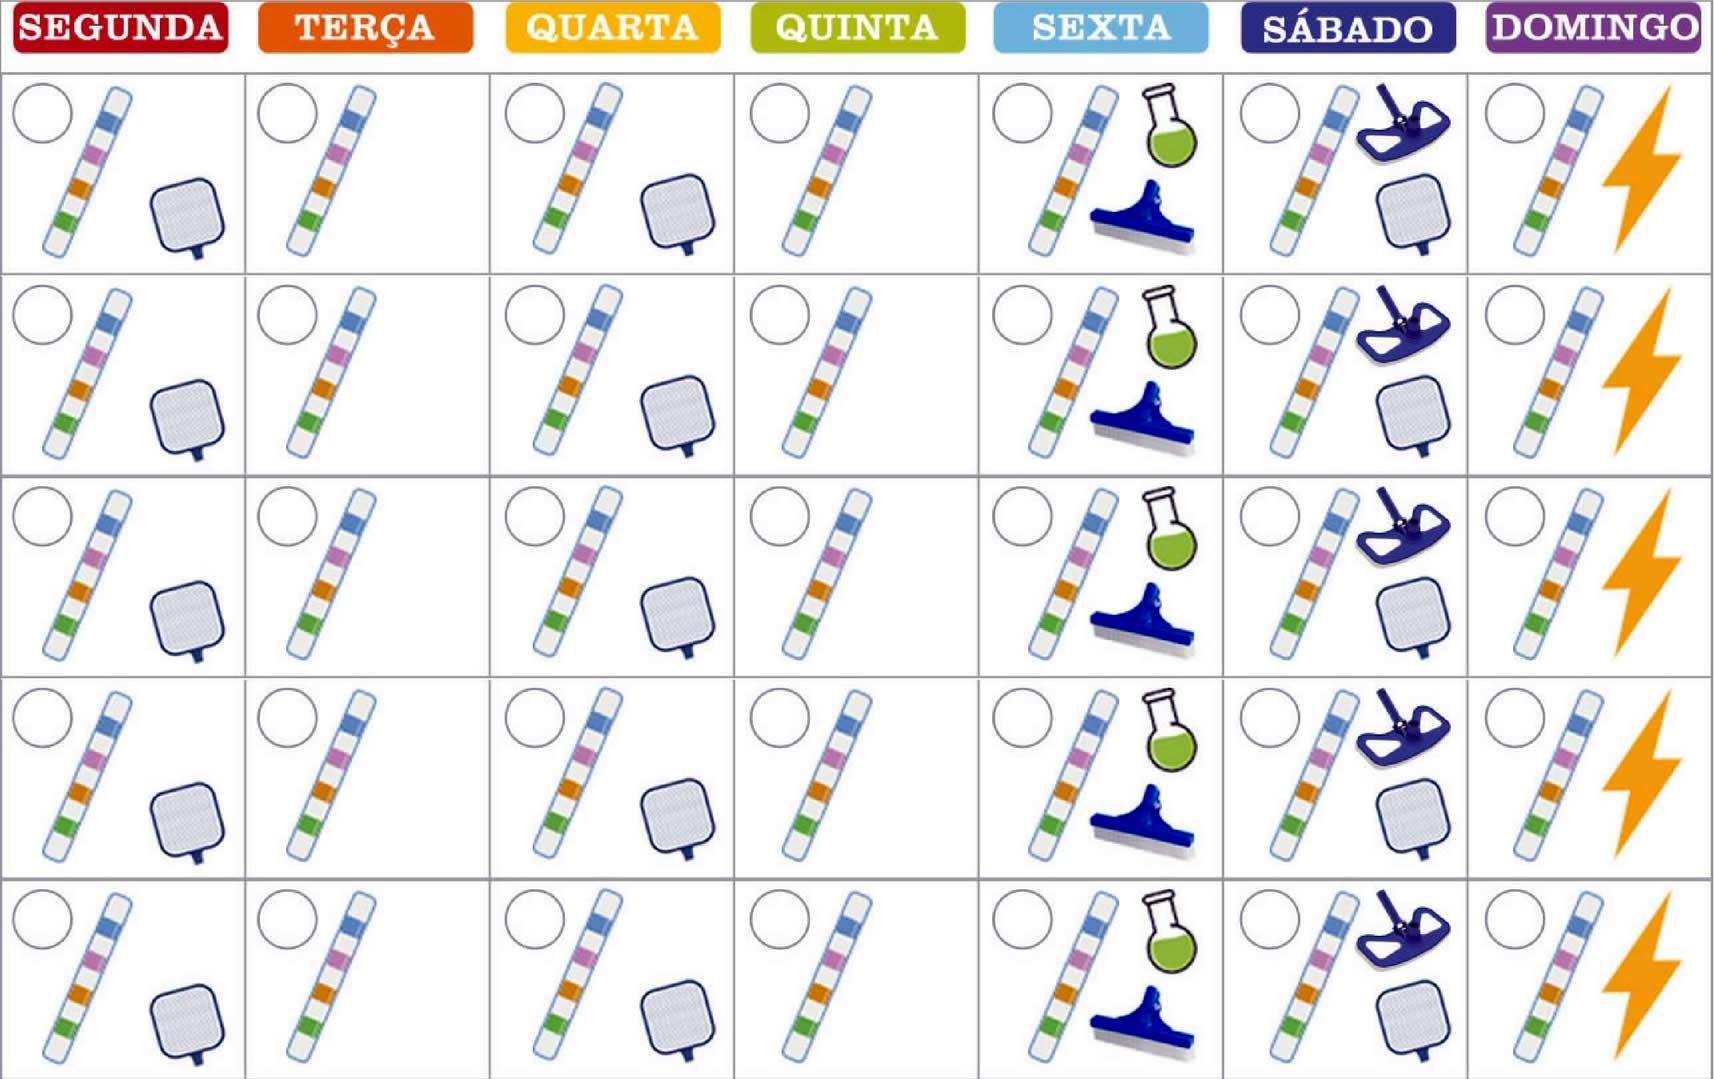 Tabela para limpeza da piscina no verão